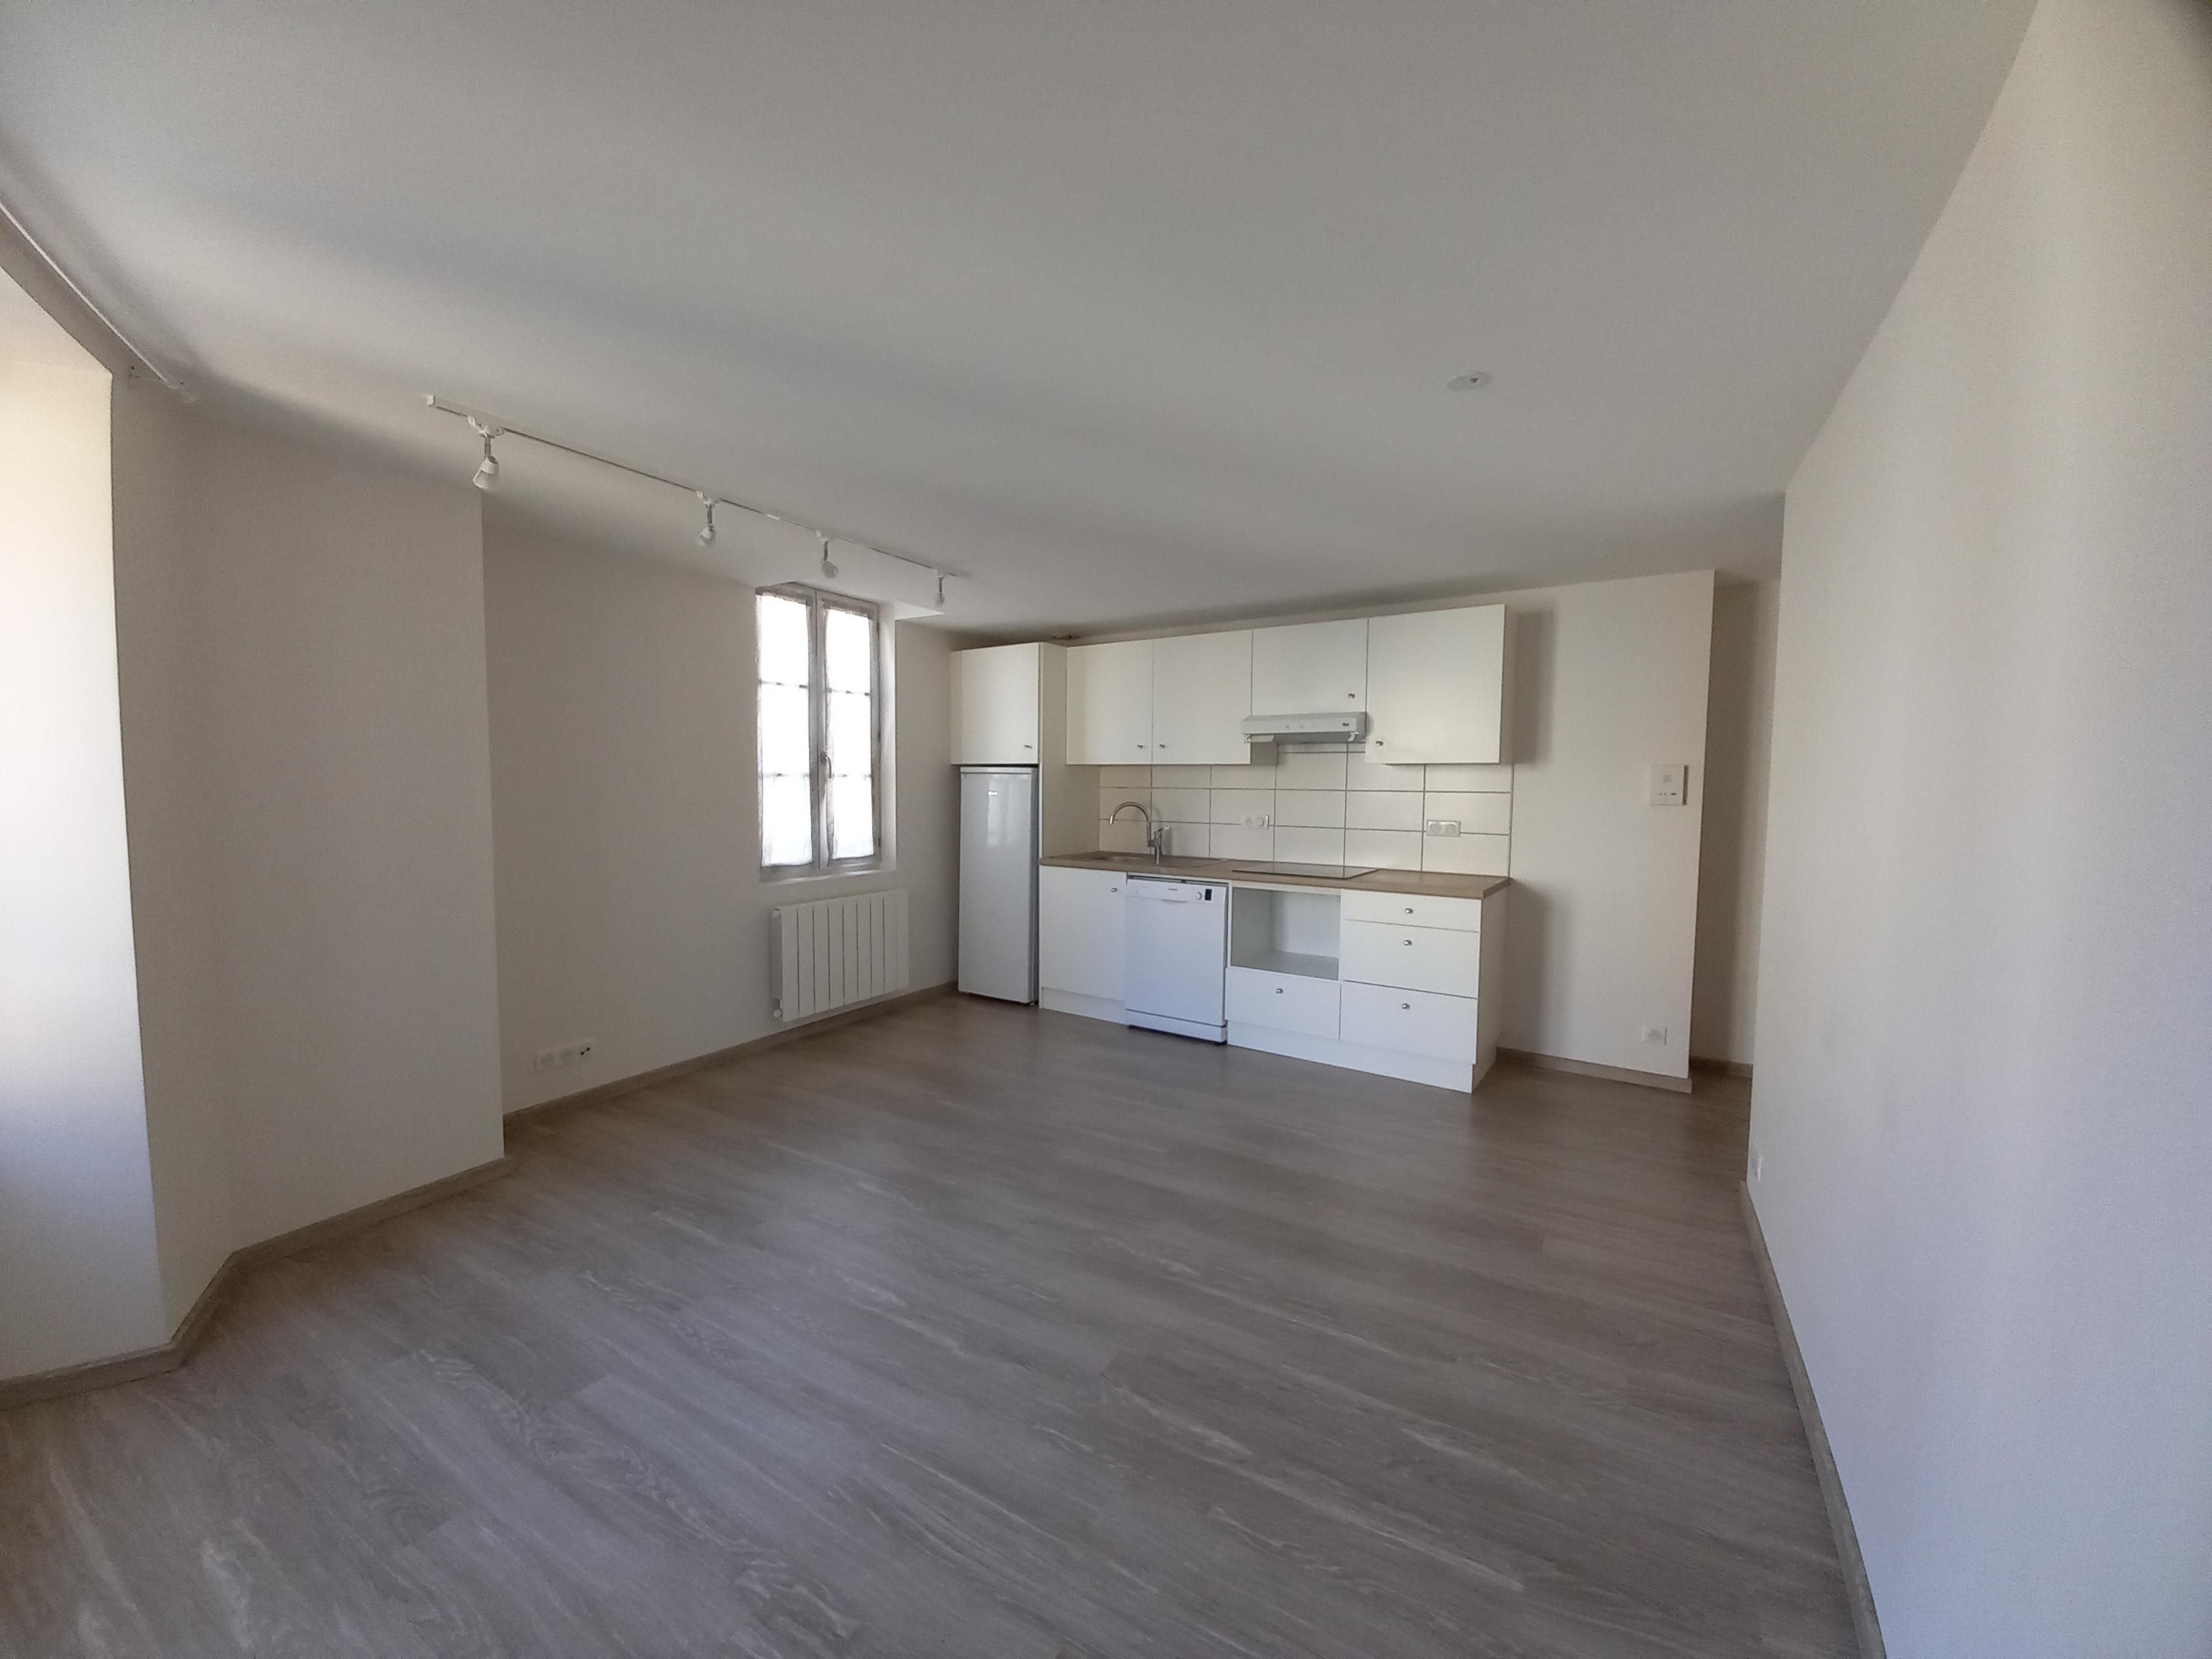 Appartement T2 récemment rénové à louer à FIGEAC centre